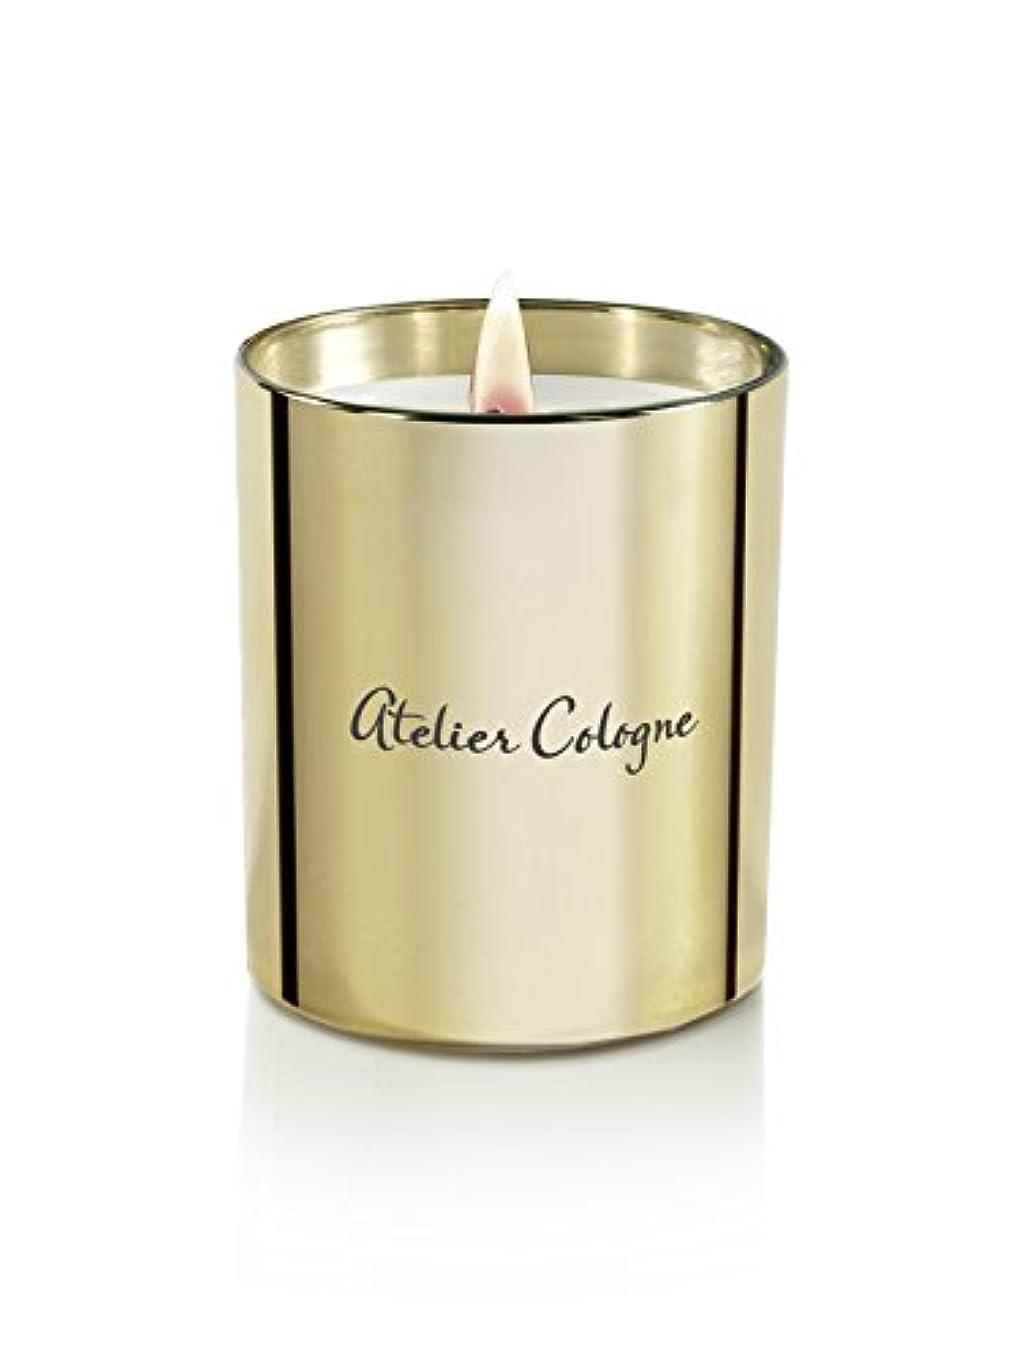 ベルベット硬化する有効アトリエコロン Bougie Candle - Gold Leather 190g/6.7oz並行輸入品